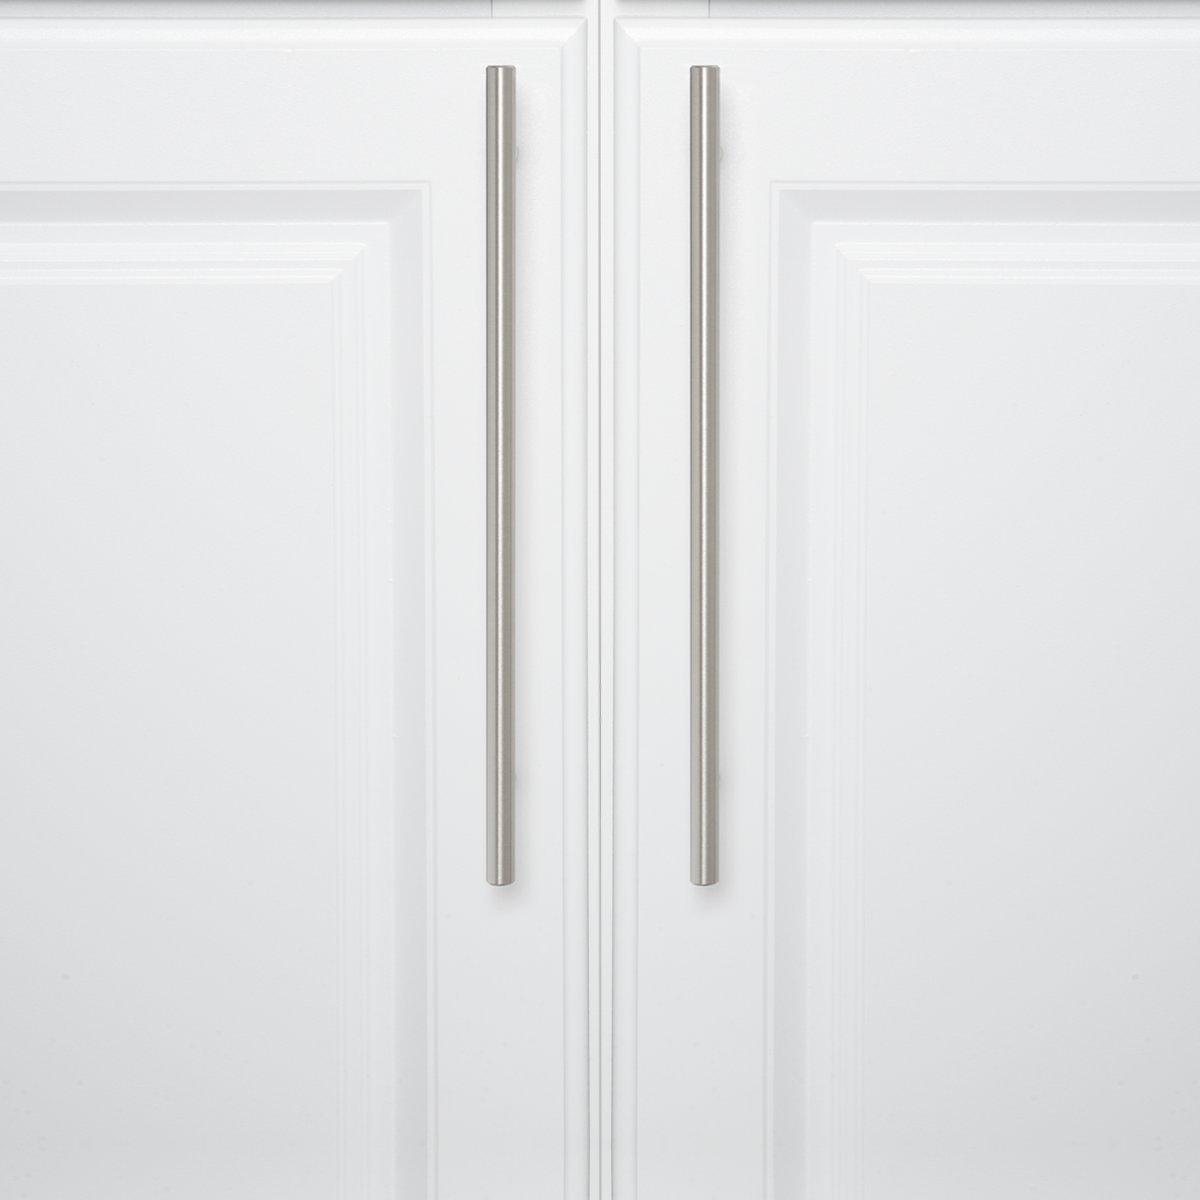 10er-Pack 9,5 mm Durchmesser Poliertes Chrom L/änge: 15,57 cm Basics M/öbelgriff Lochmitte zu Lochmitte: 9,52 cm Europ/äischer Steggriff